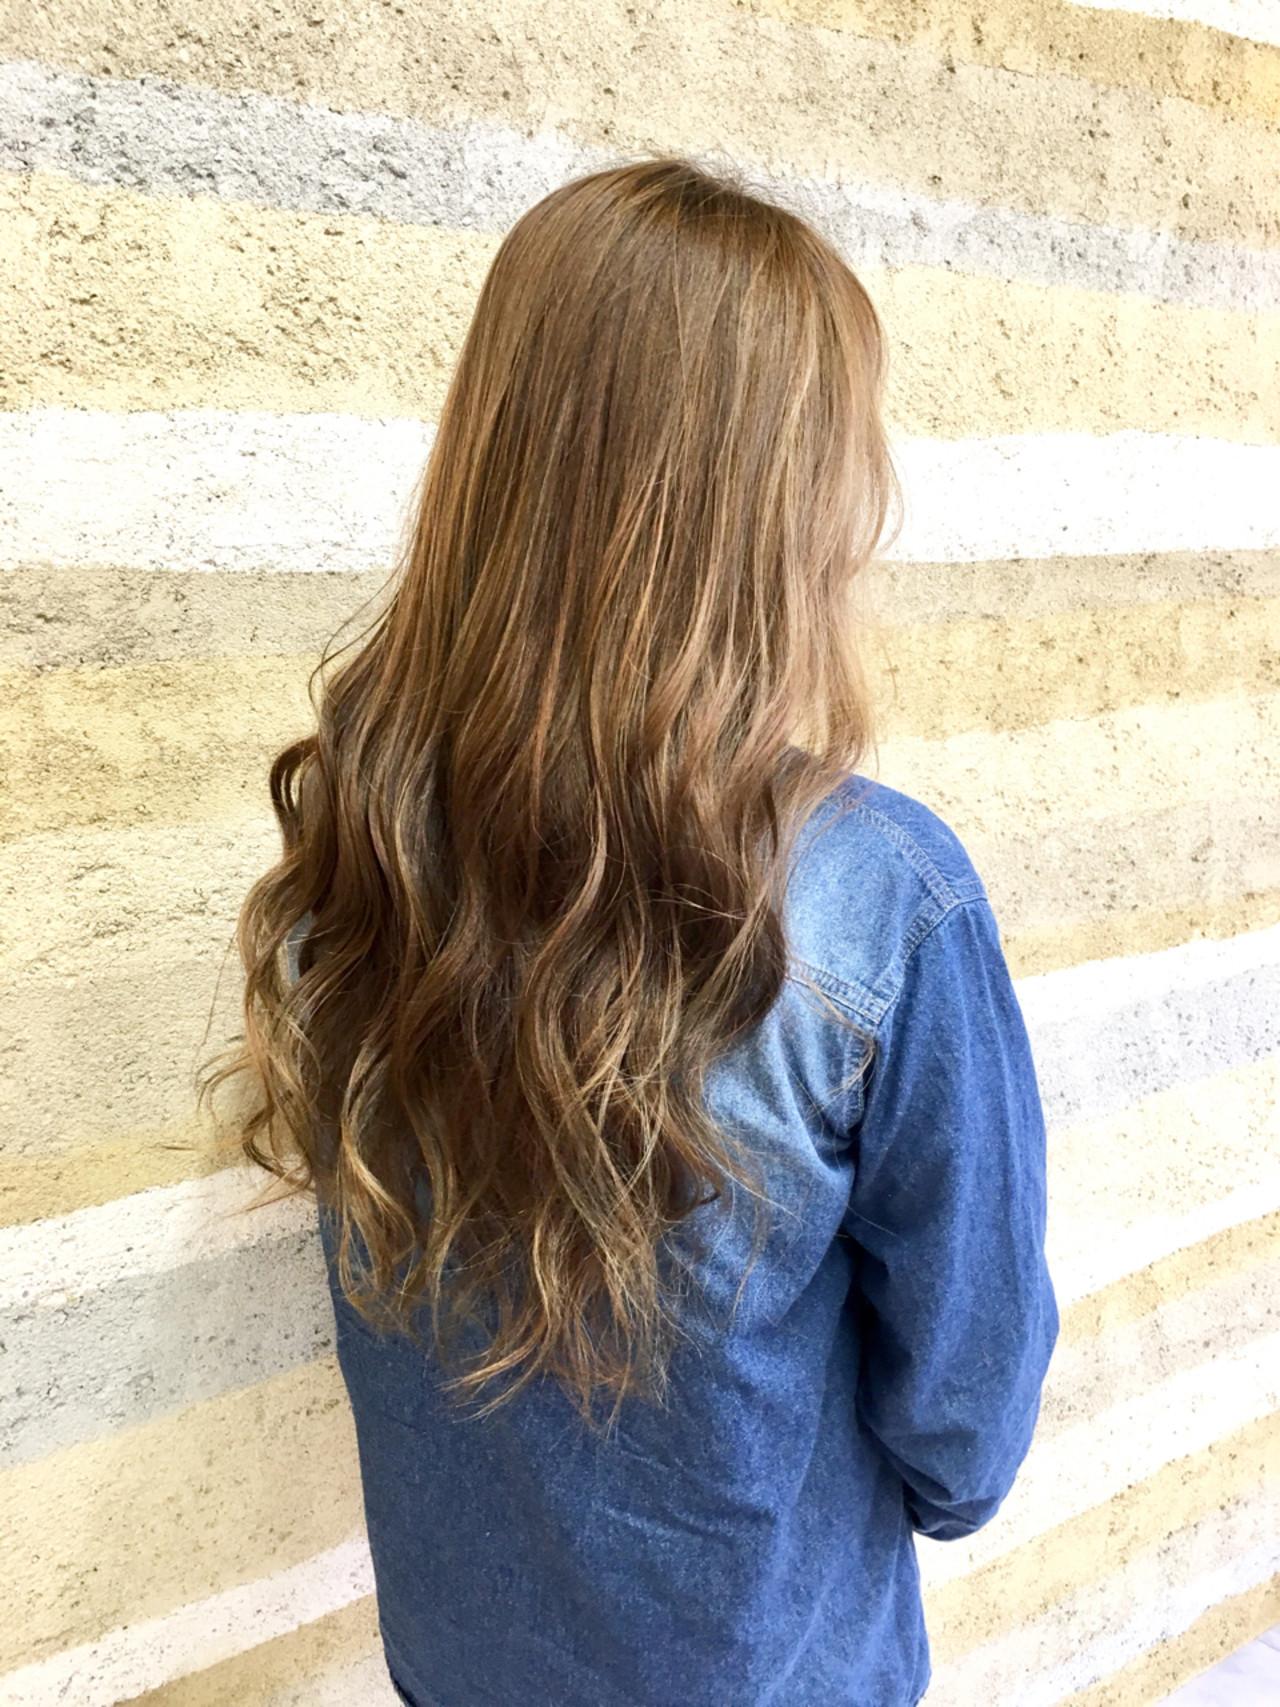 グラデーションカラー ローライト ロング 外国人風 ヘアスタイルや髪型の写真・画像